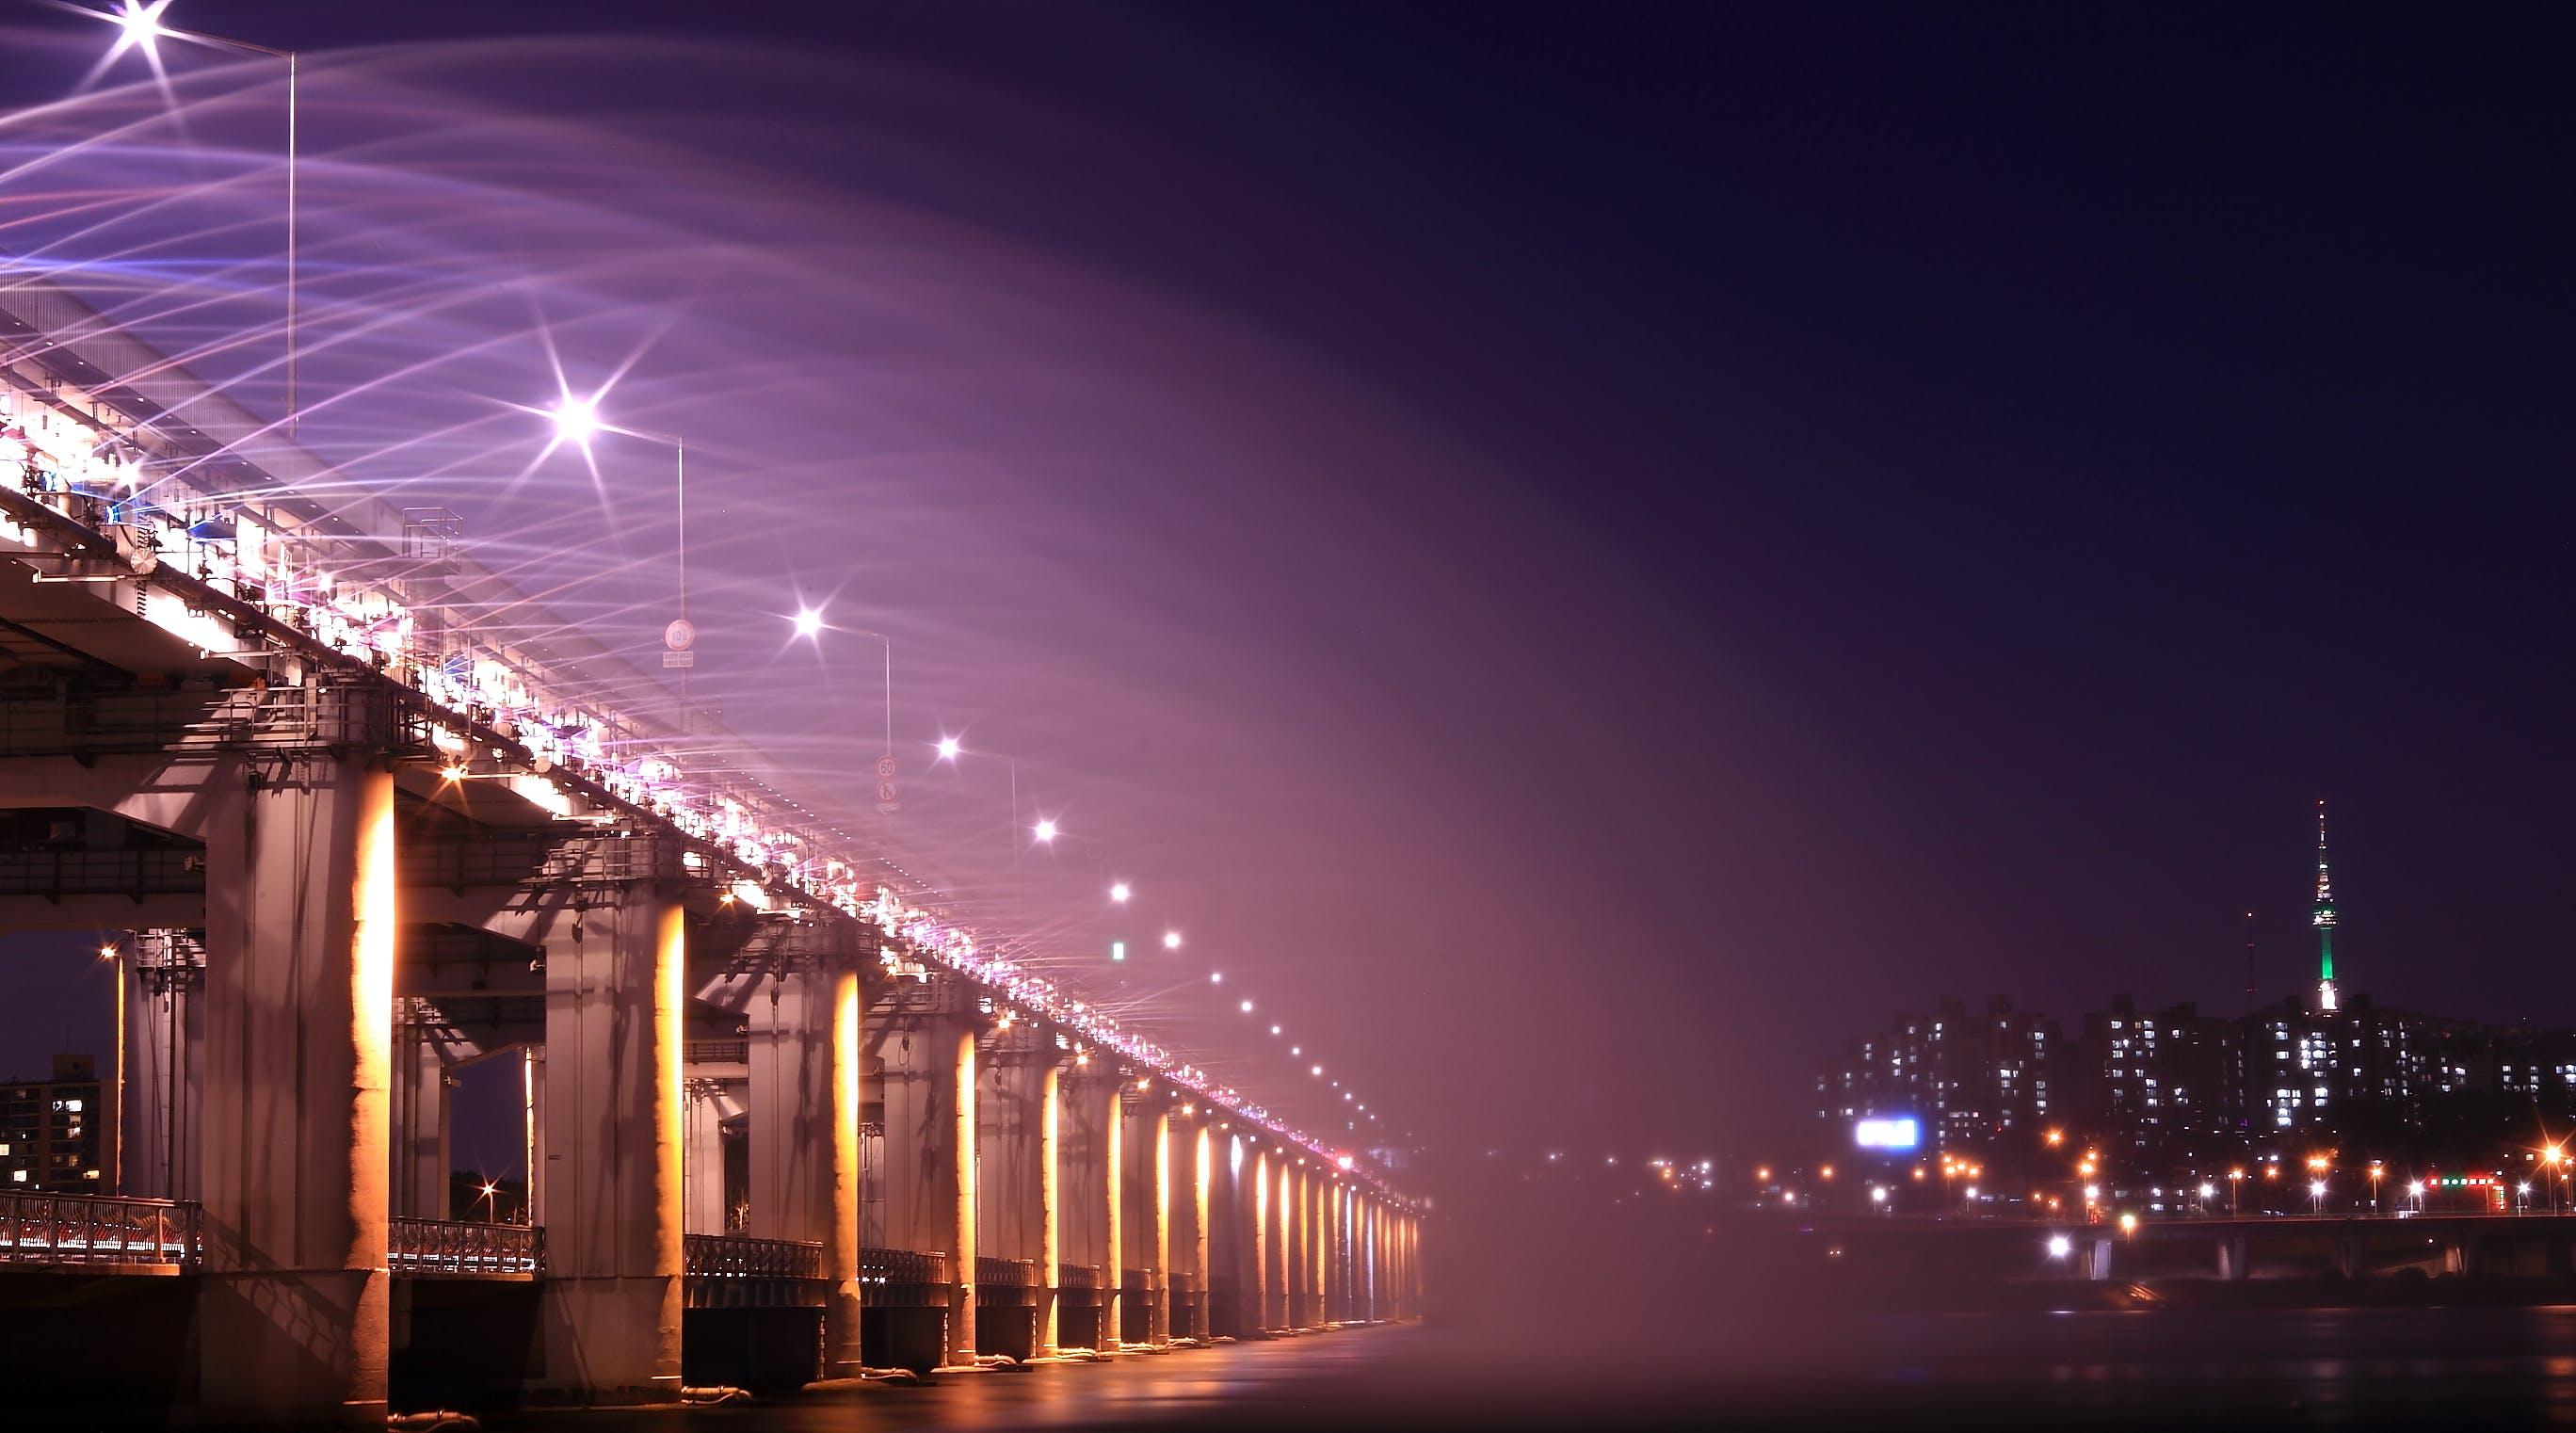 Kostnadsfri bild av arkitektur, bro, byggnader, gata